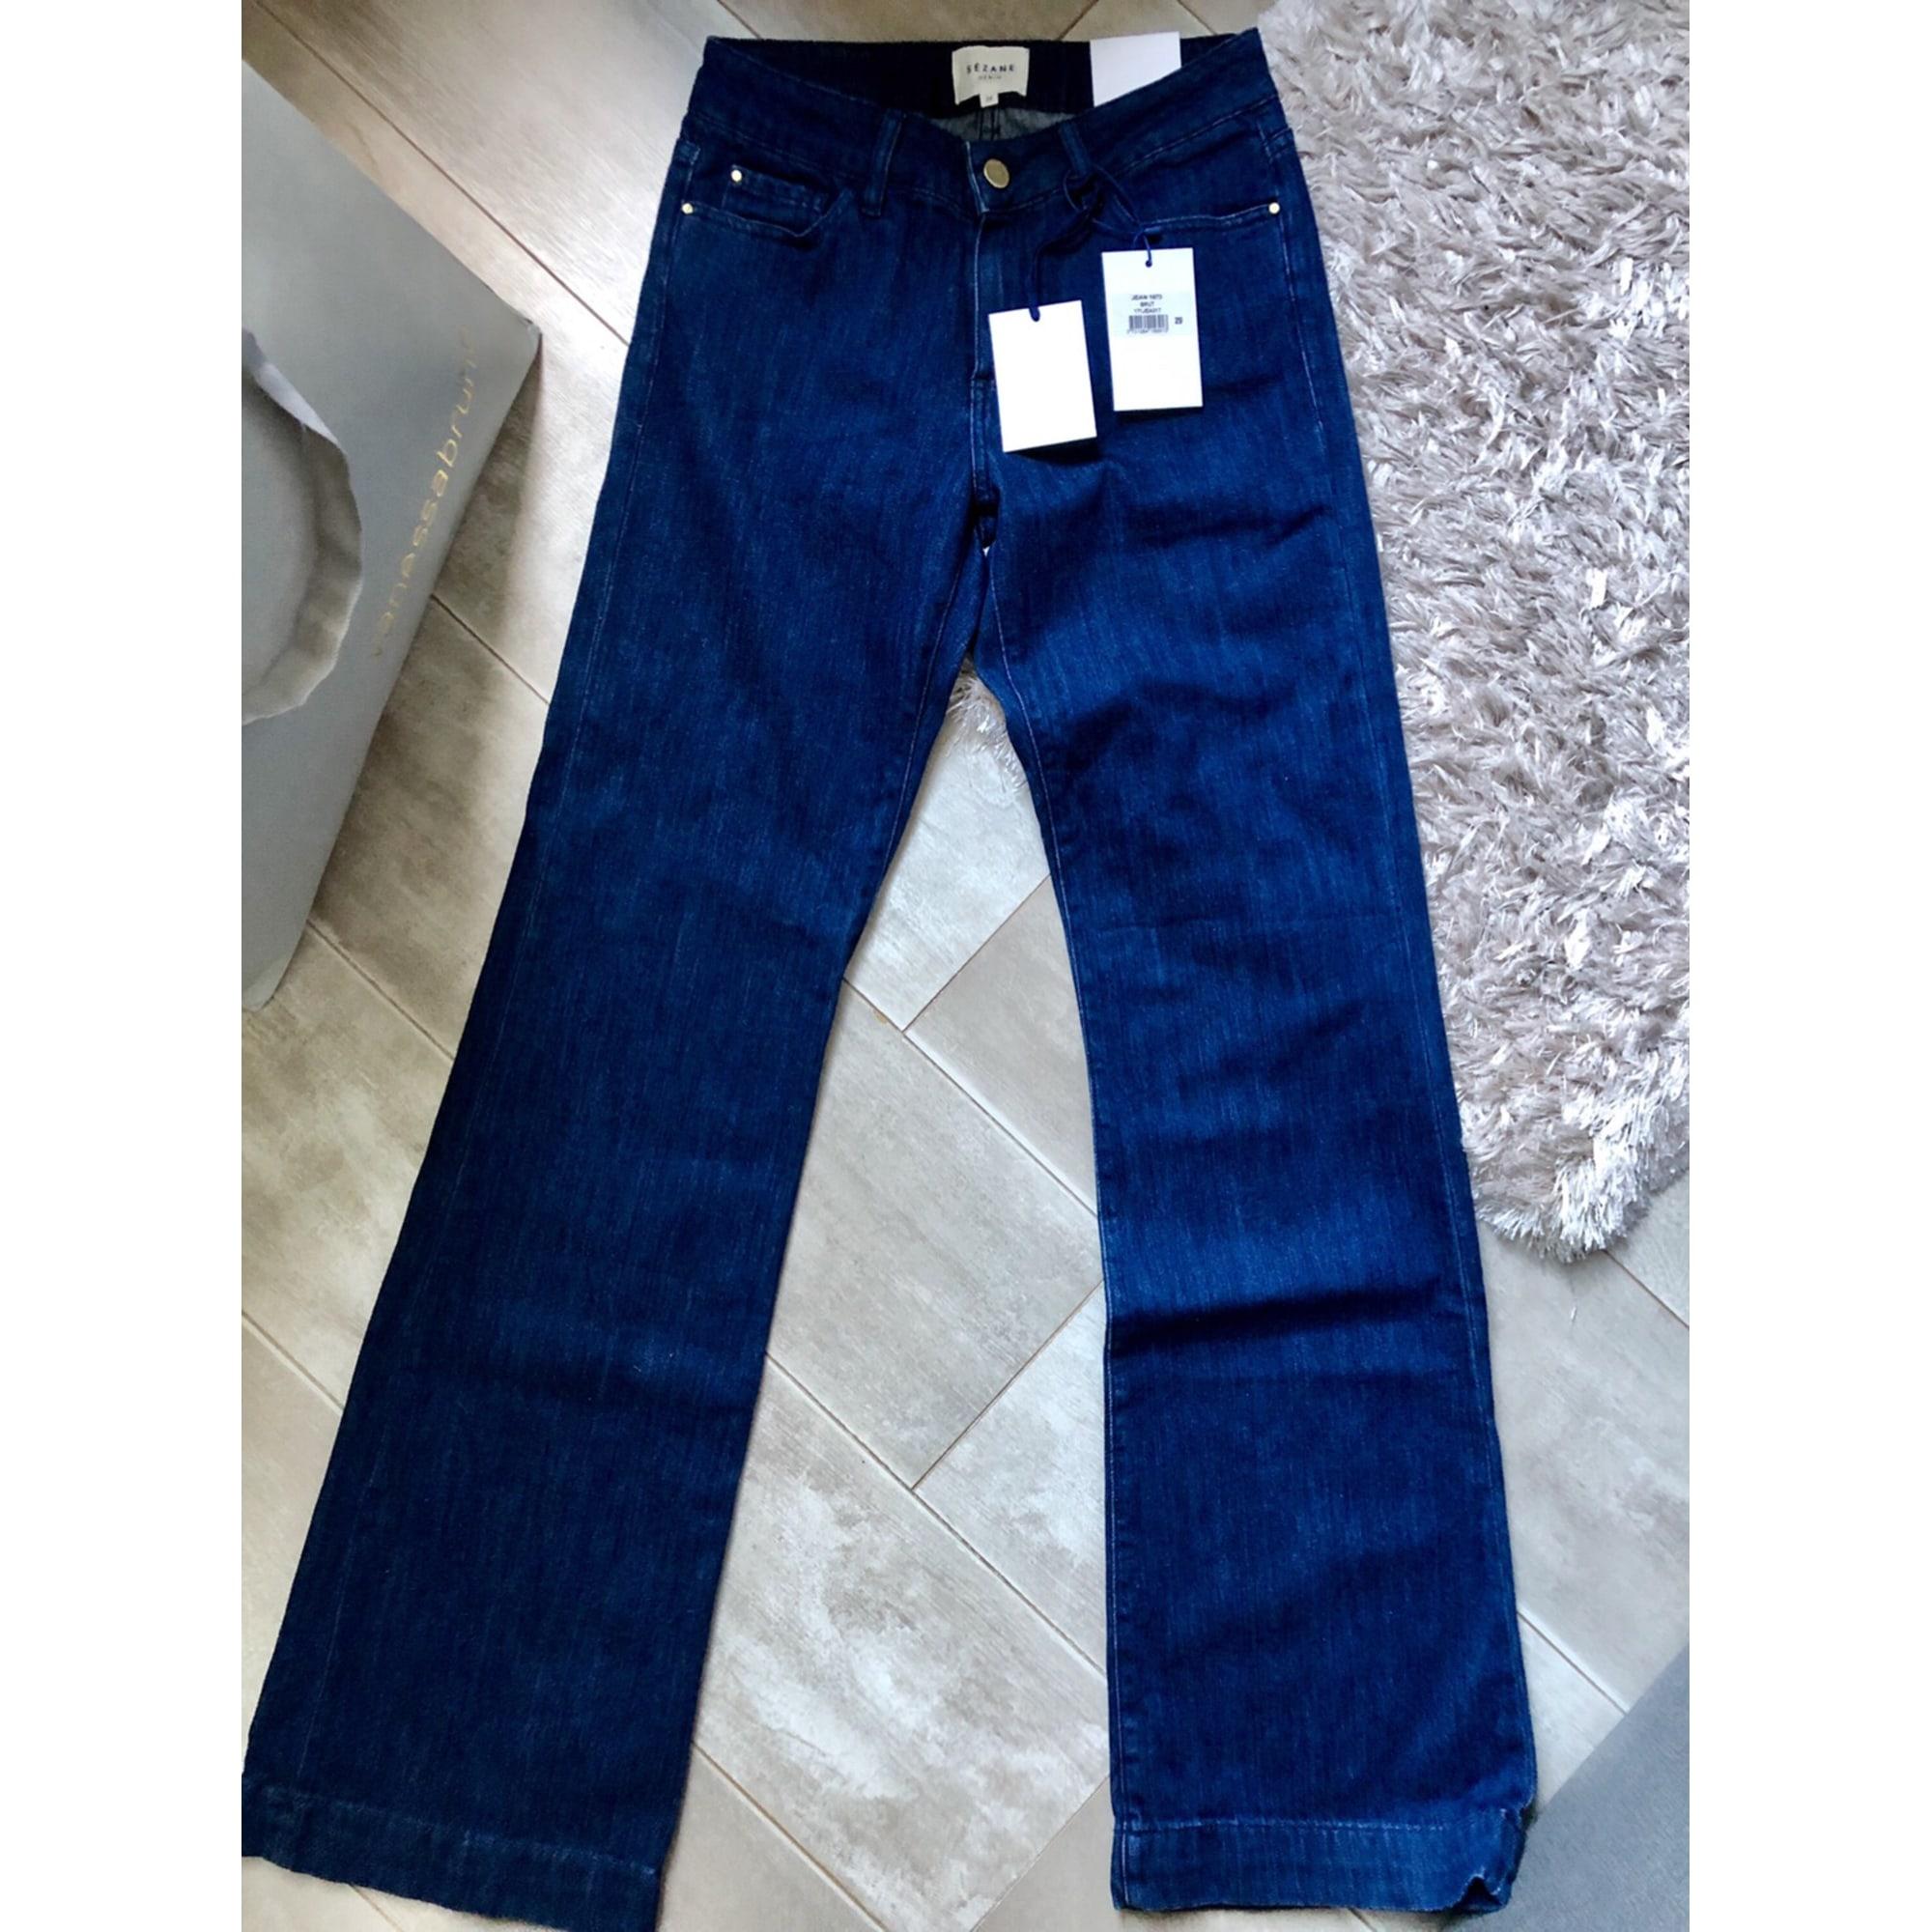 Jeans évasé, boot-cut SÉZANE Bleu, bleu marine, bleu turquoise